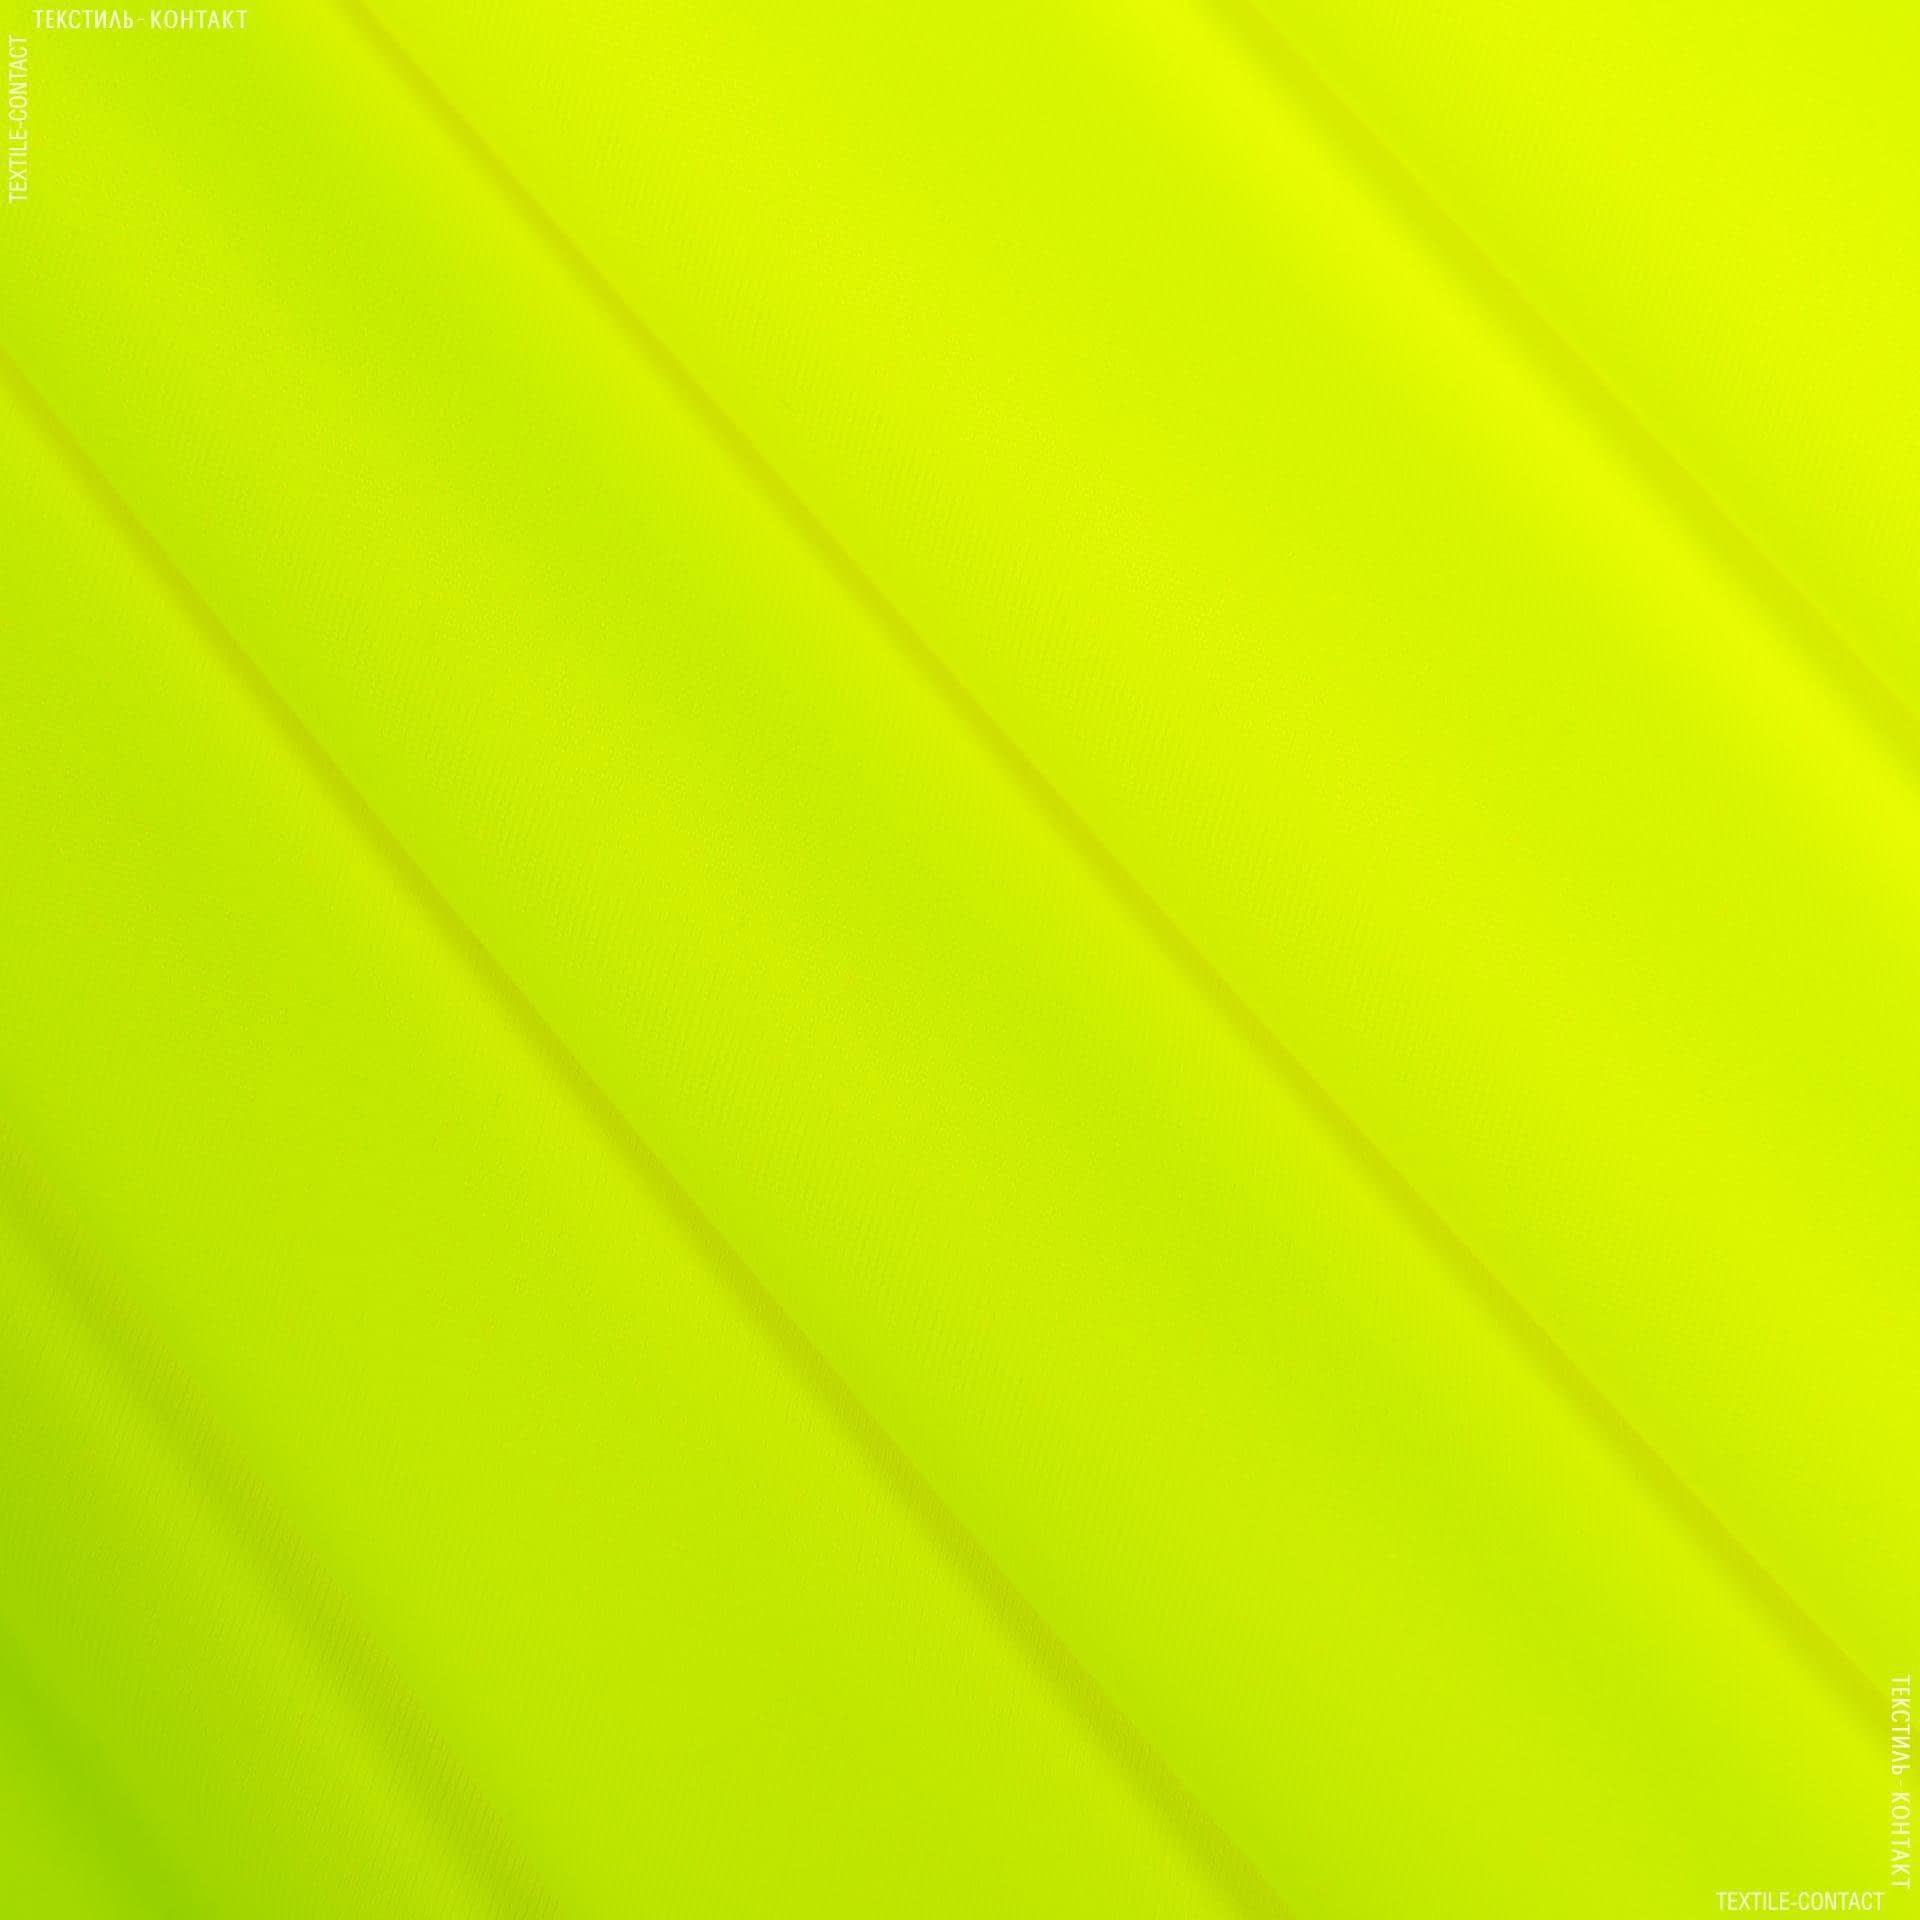 Ткани для спортивной одежды - Бифлекс ярко-лимонный